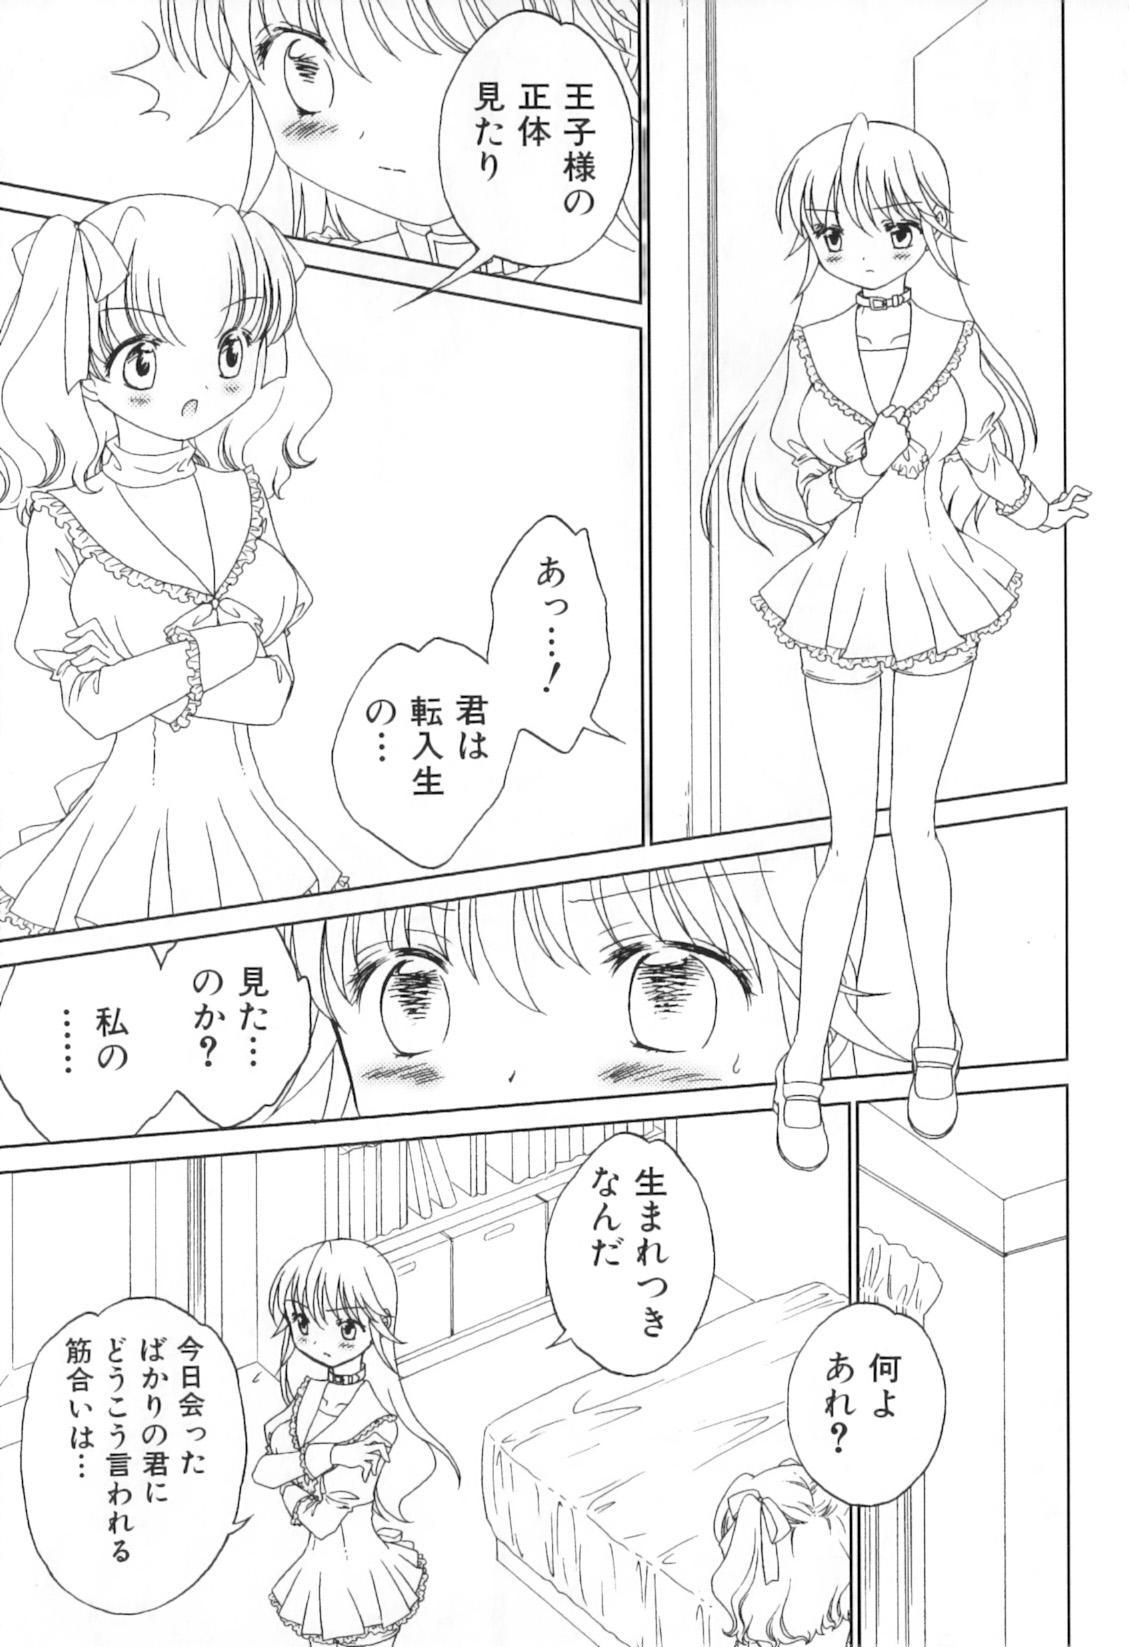 Futanarikko Lovers 8 108